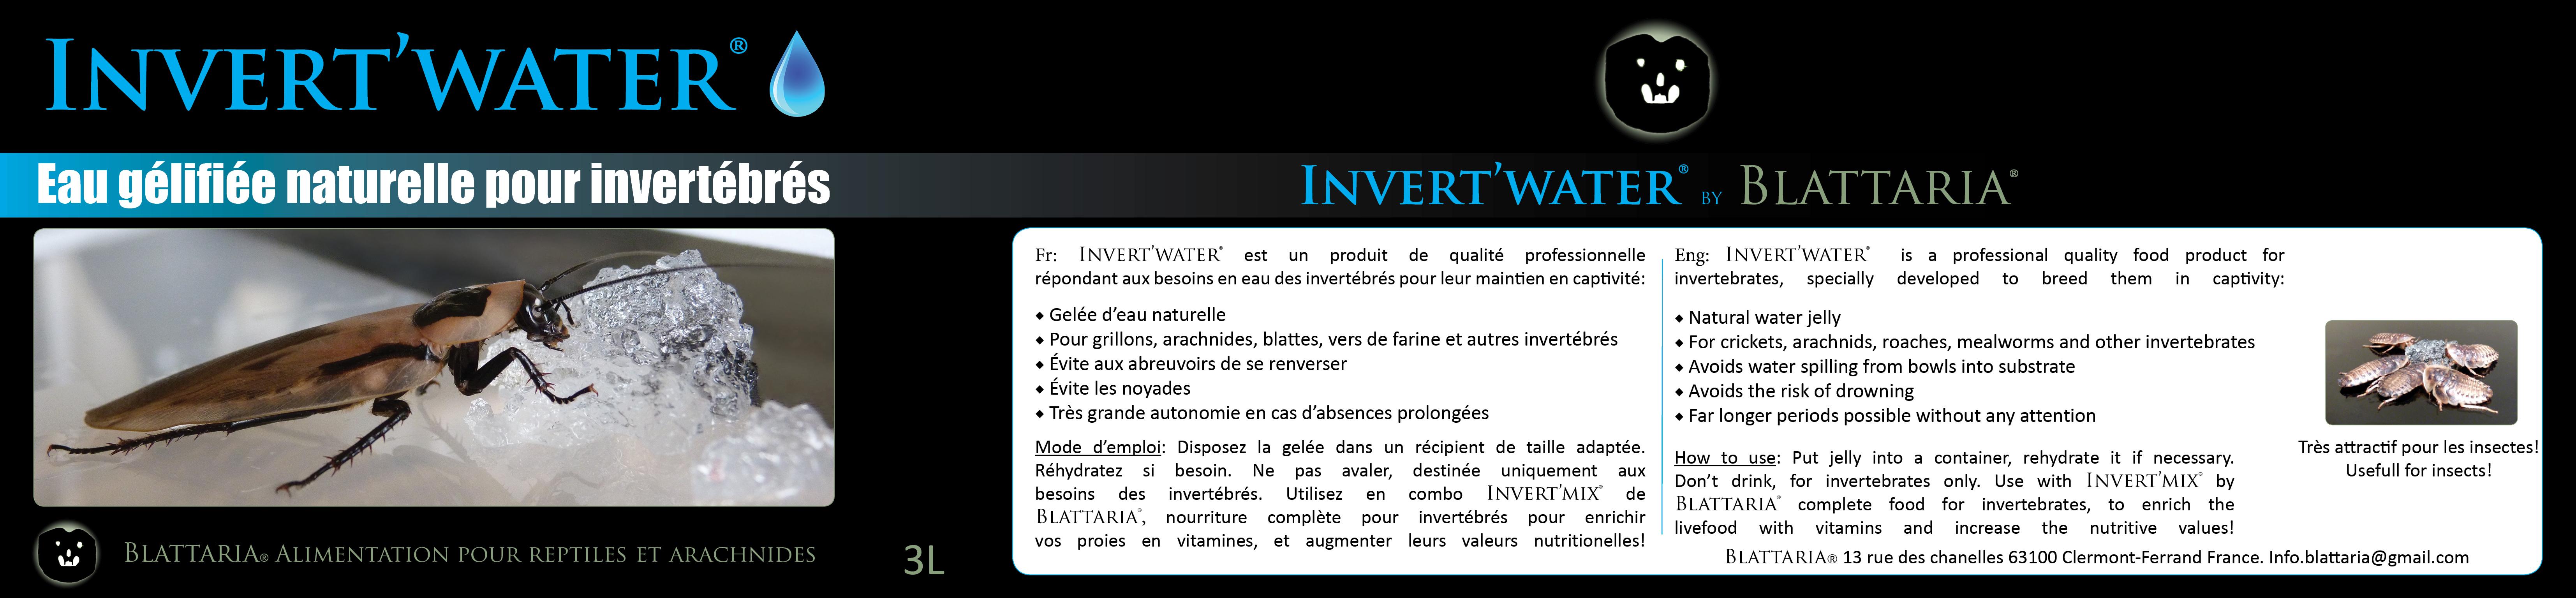 Invert-water-eau-gelifiée-hydrater-insectes-reptiles-blattes-grillon-gelée-economique-